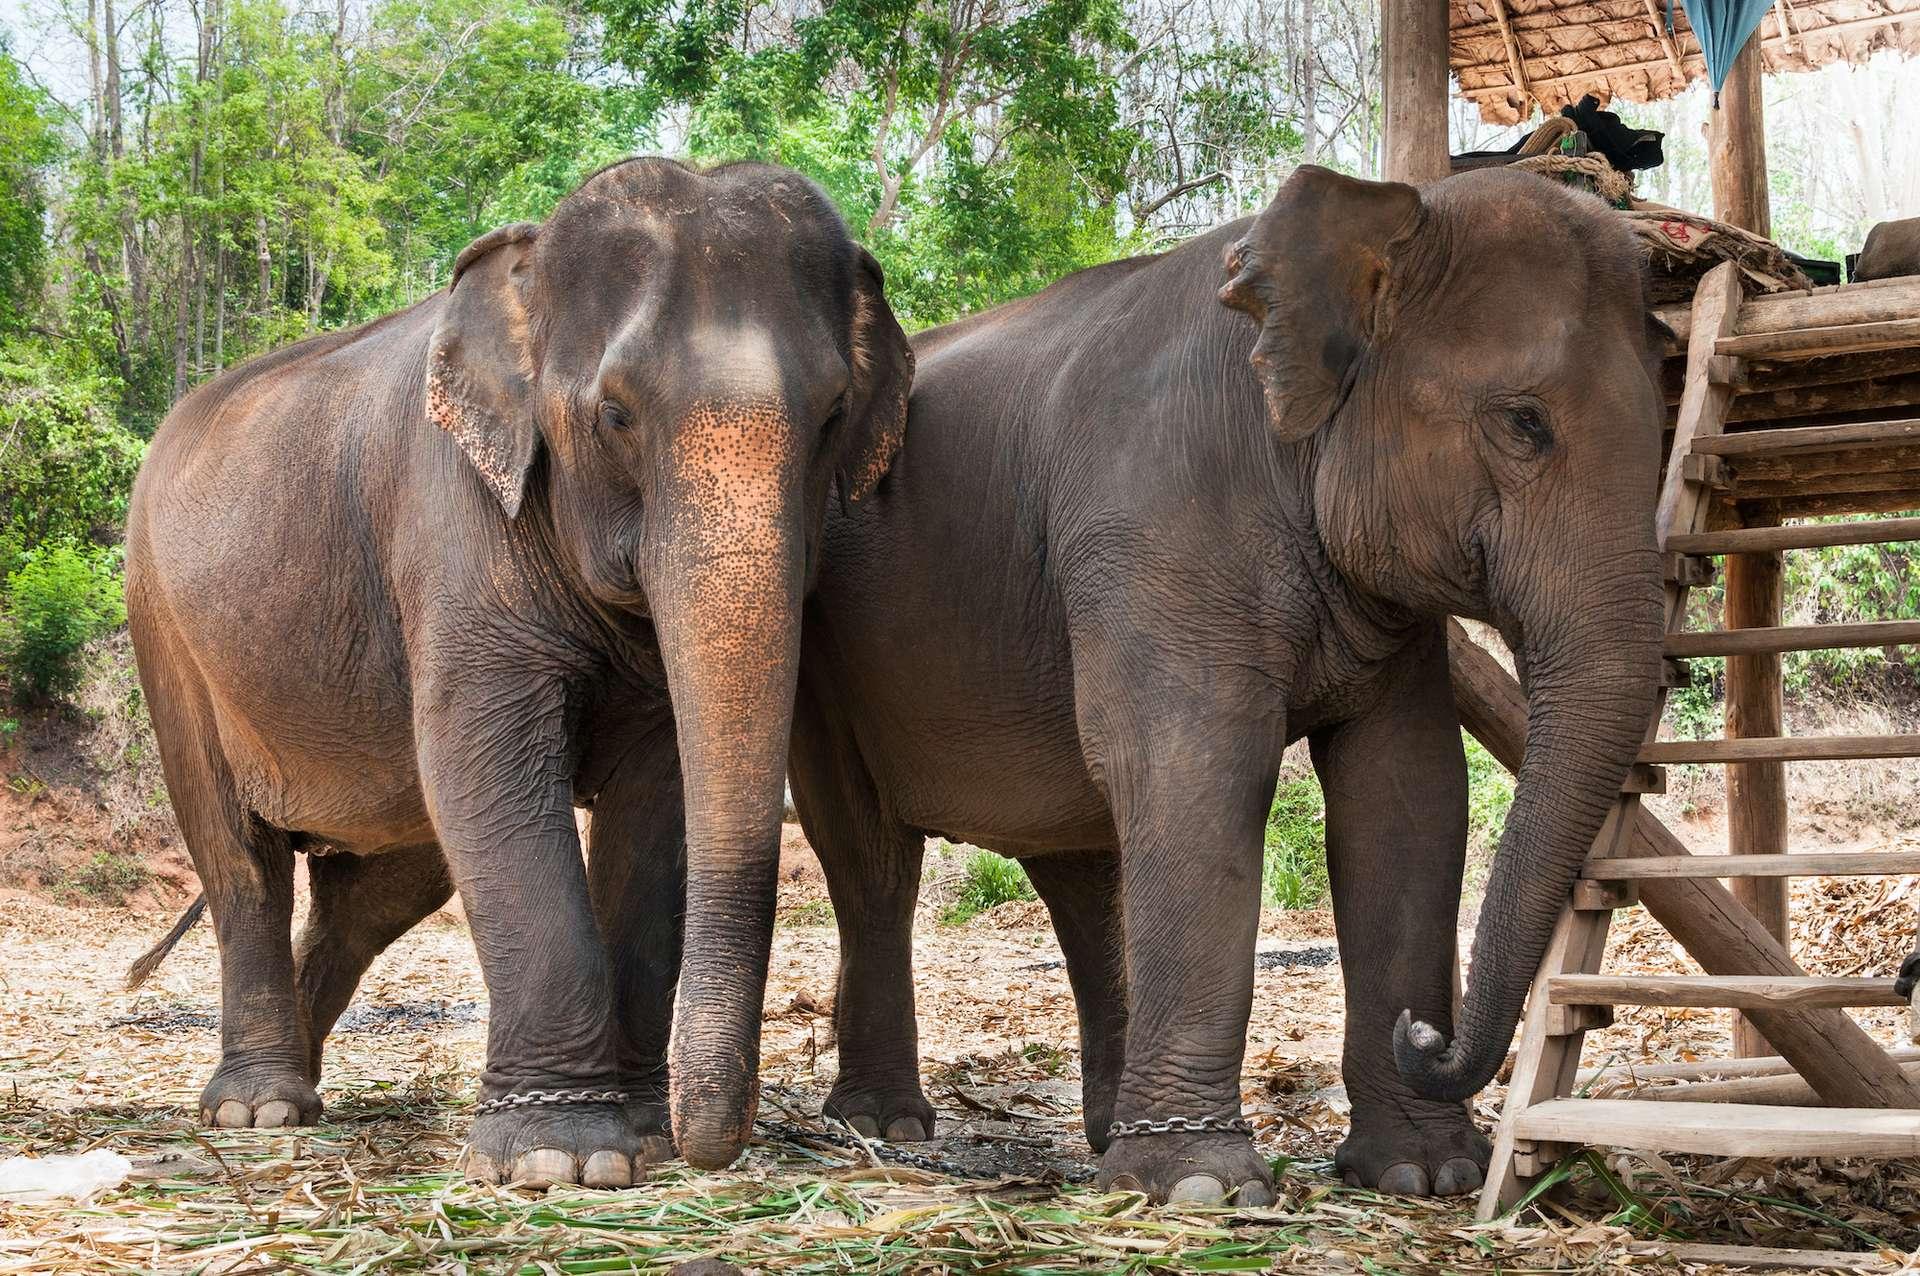 La Thaïlande compte 3.800 éléphants en captivité, qui ne peuvent plus être nourris en raison de la chute du tourisme. © rawintanpin, Adobe Stock